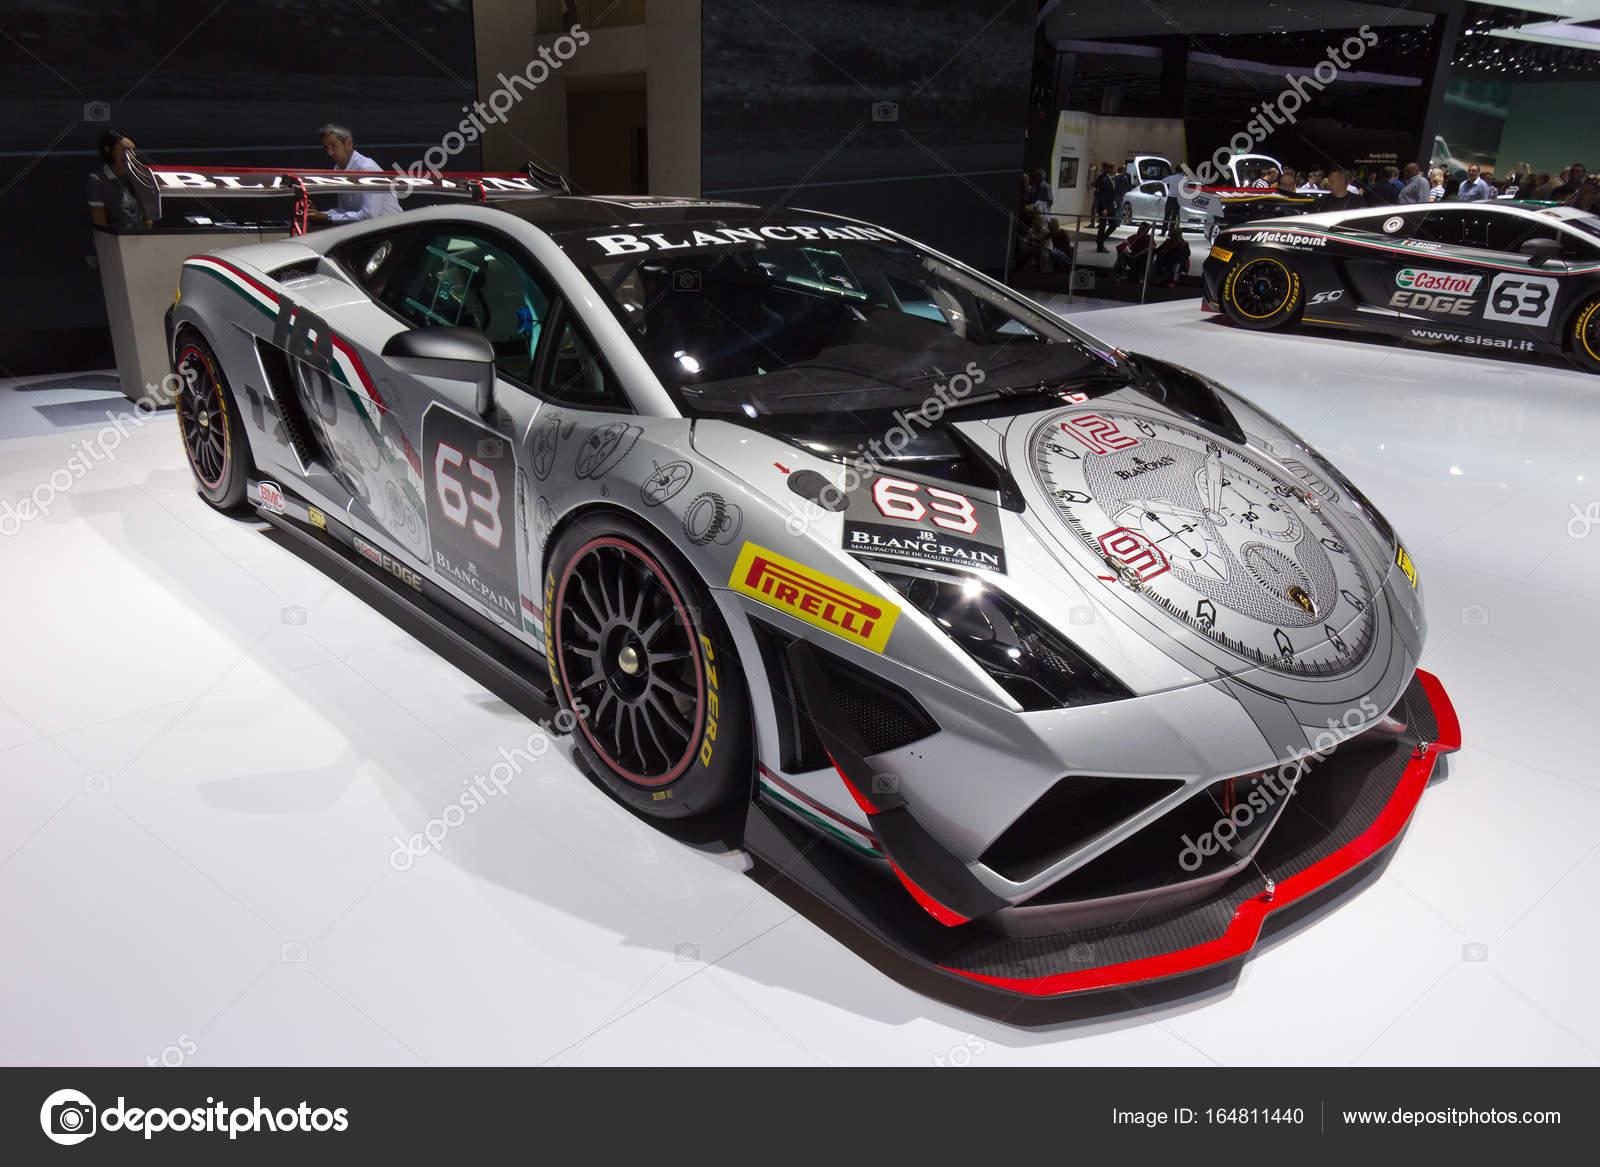 Lamborghini Gallardo Lp570 4 Squadra Corse Stock Editorial Photo